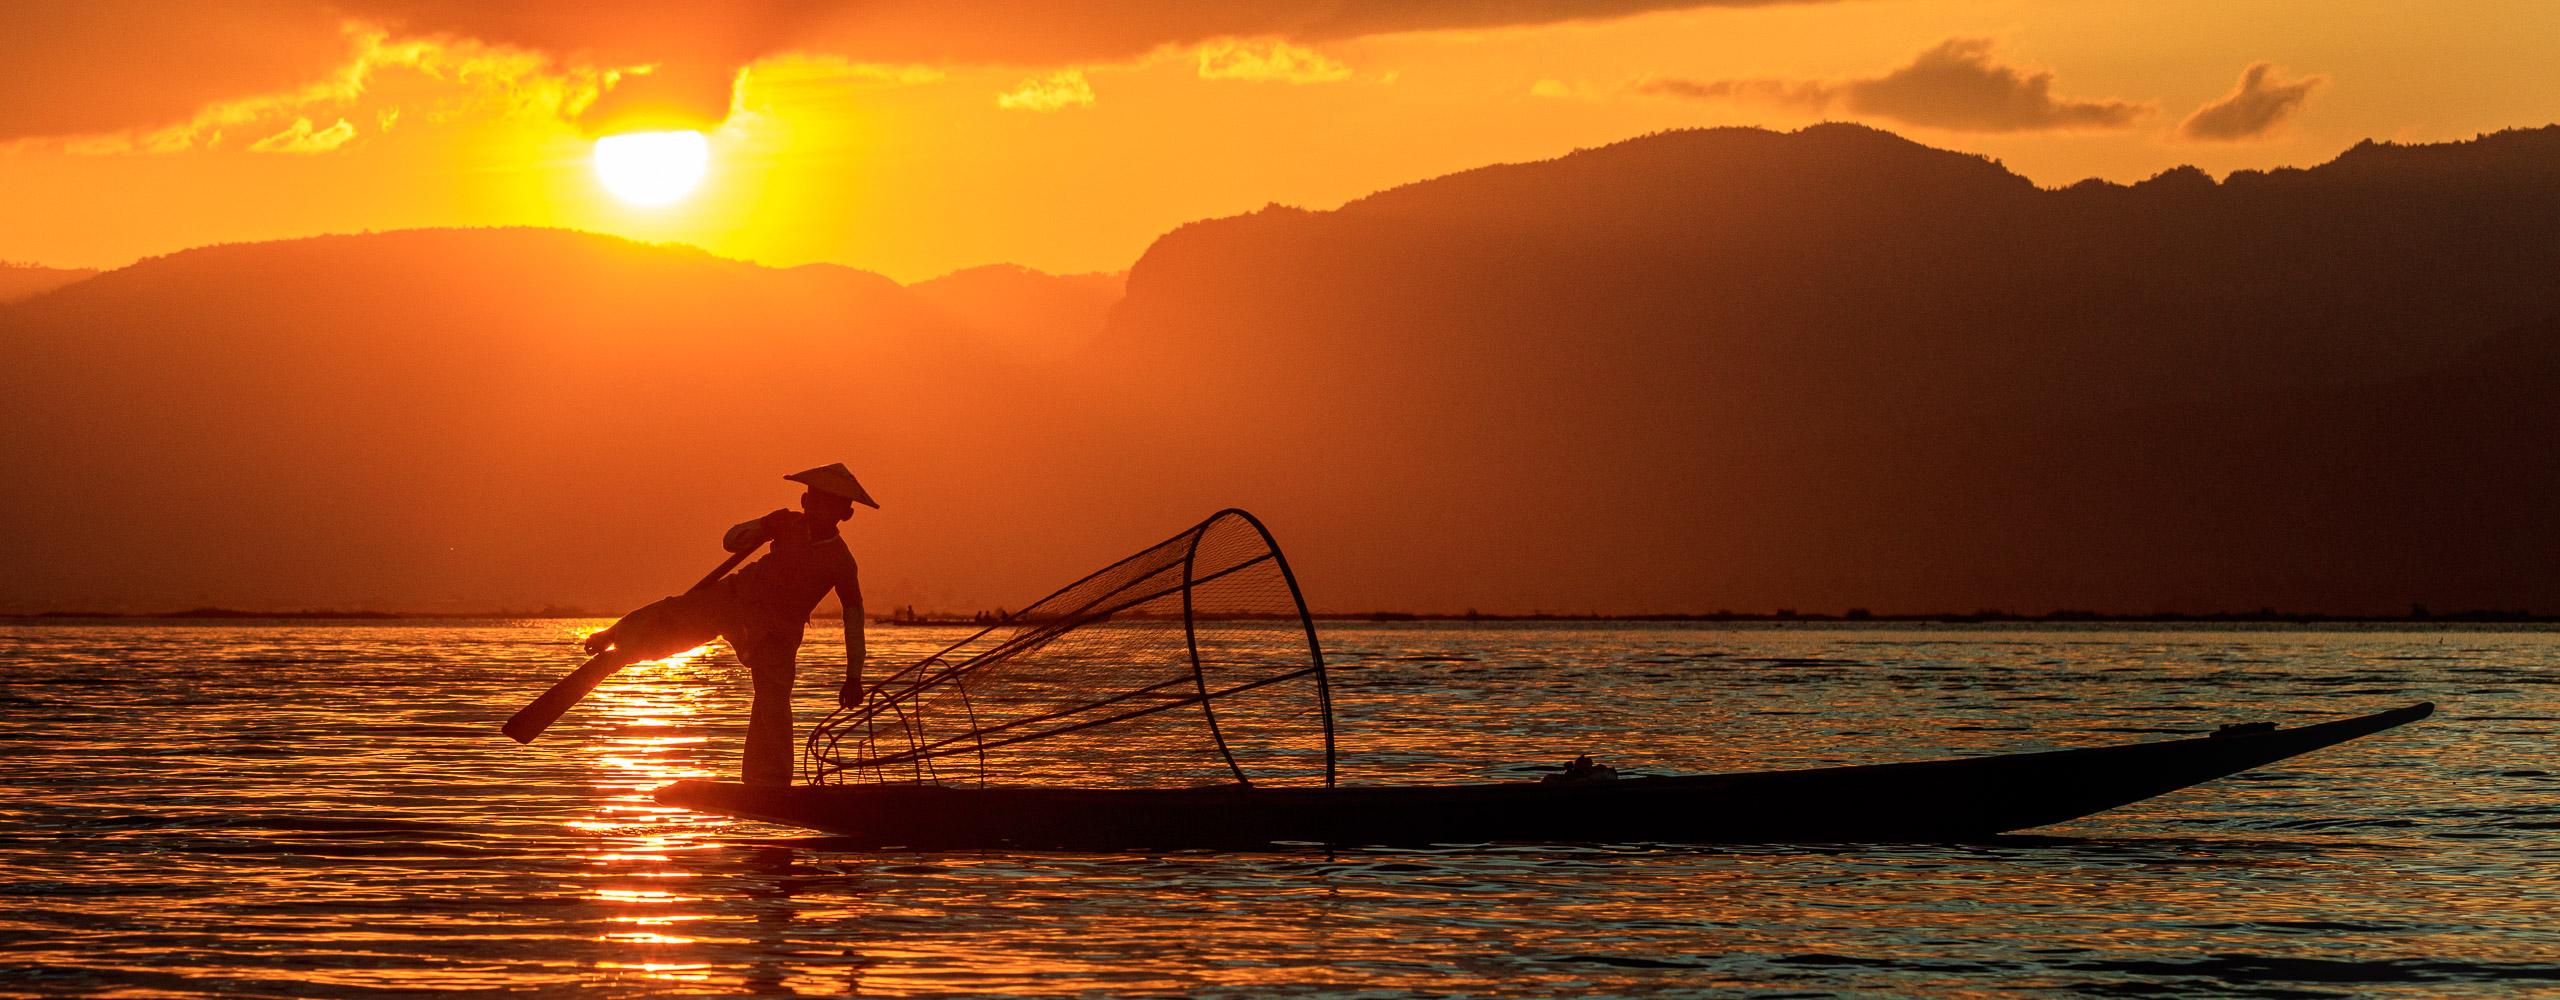 Lake Inle, Myanma